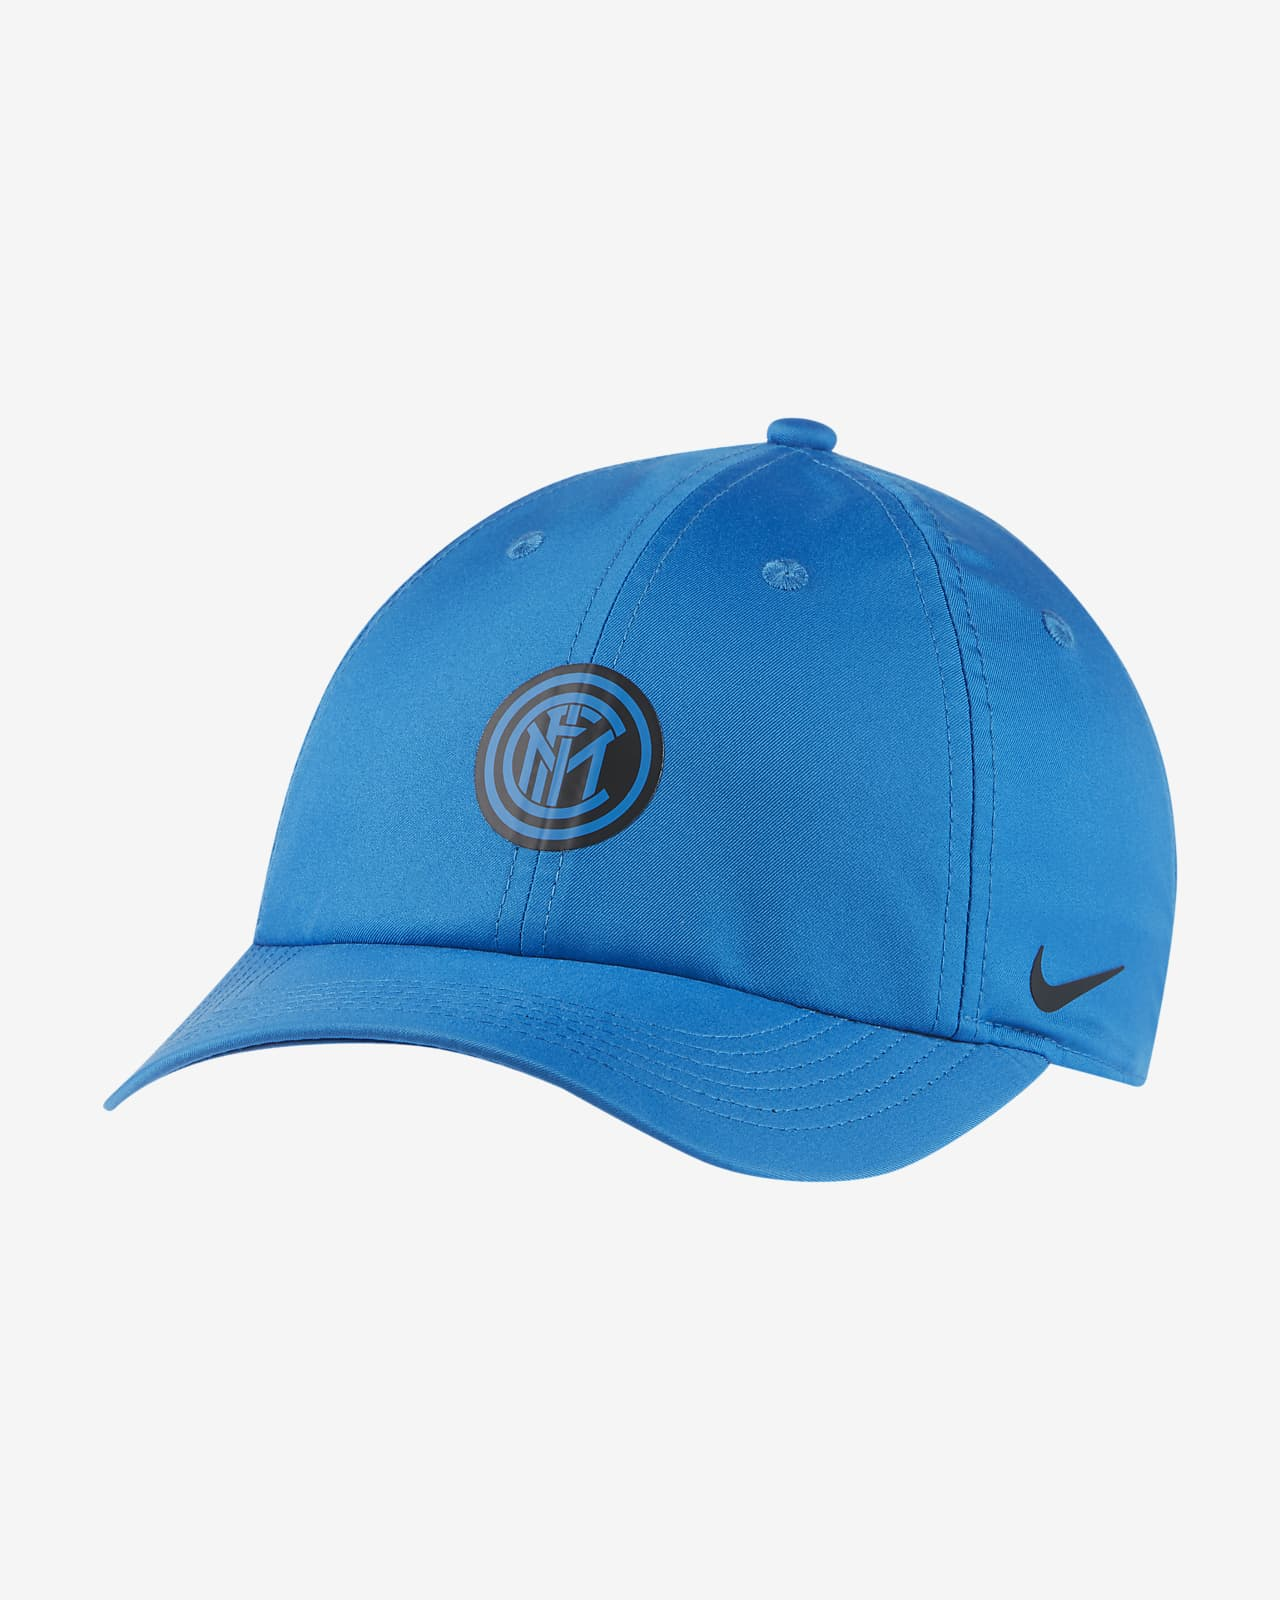 Nike Dri-FIT Inter Milan Heritage86 Kids' Adjustable Hat